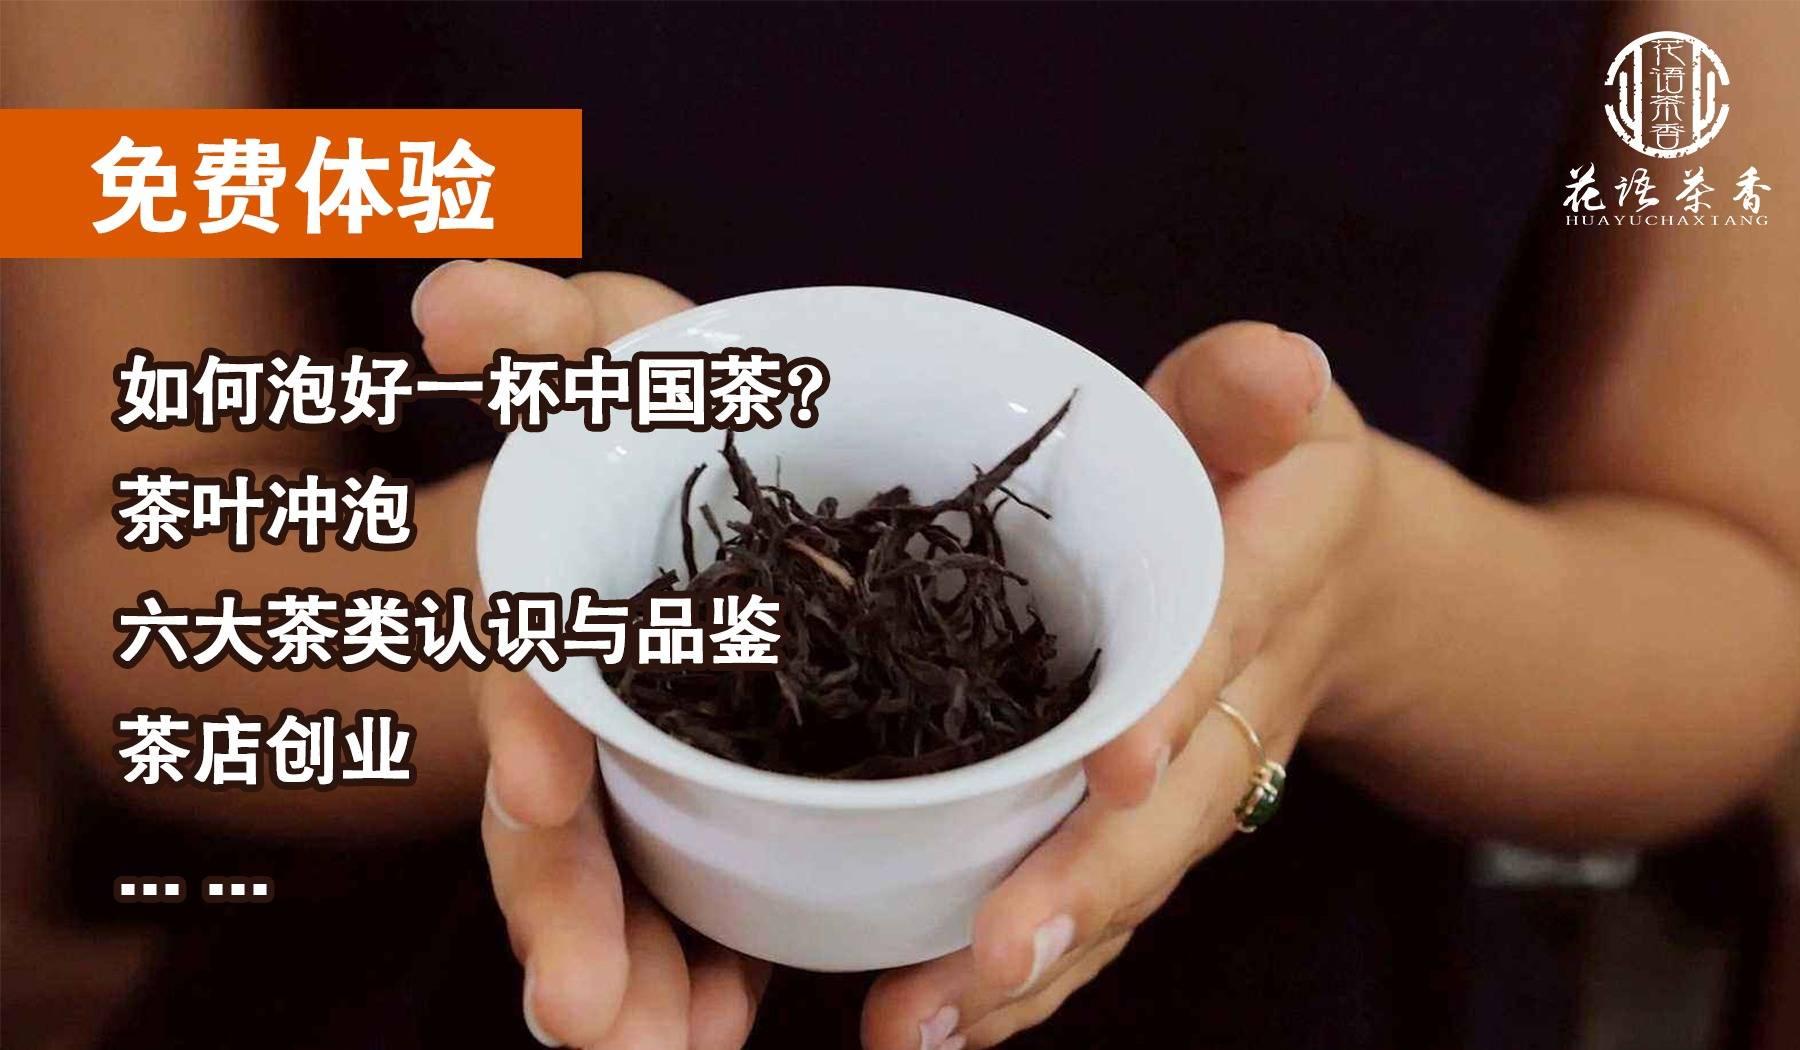 互动吧-茶艺体验沙龙|茶叶冲泡/六大茶类认识与品鉴/茶店创业/如何泡好一杯中国茶?